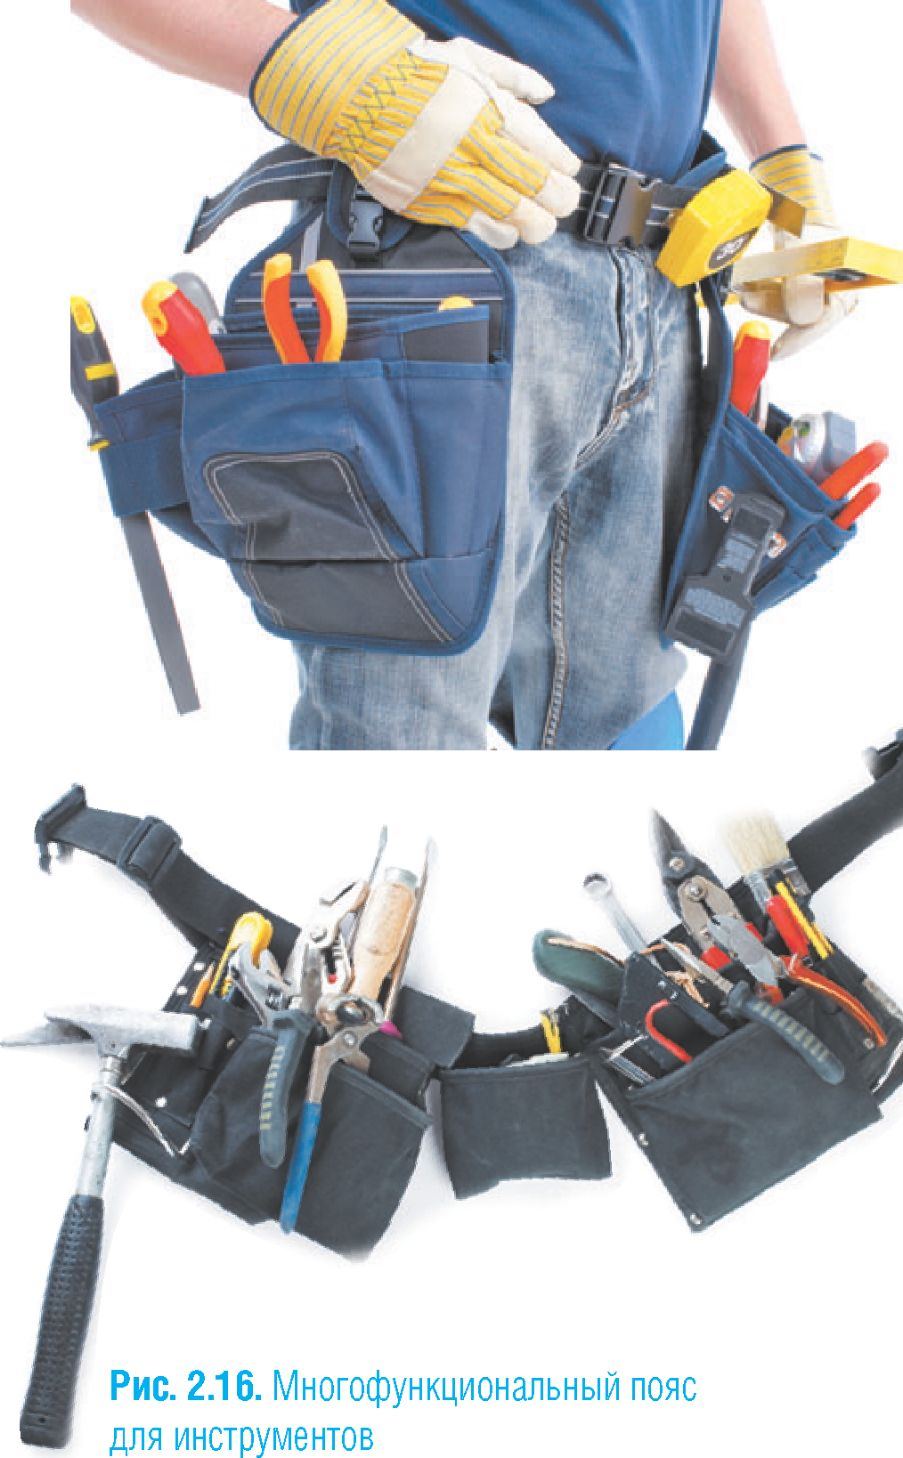 пояс электрика для инструментов